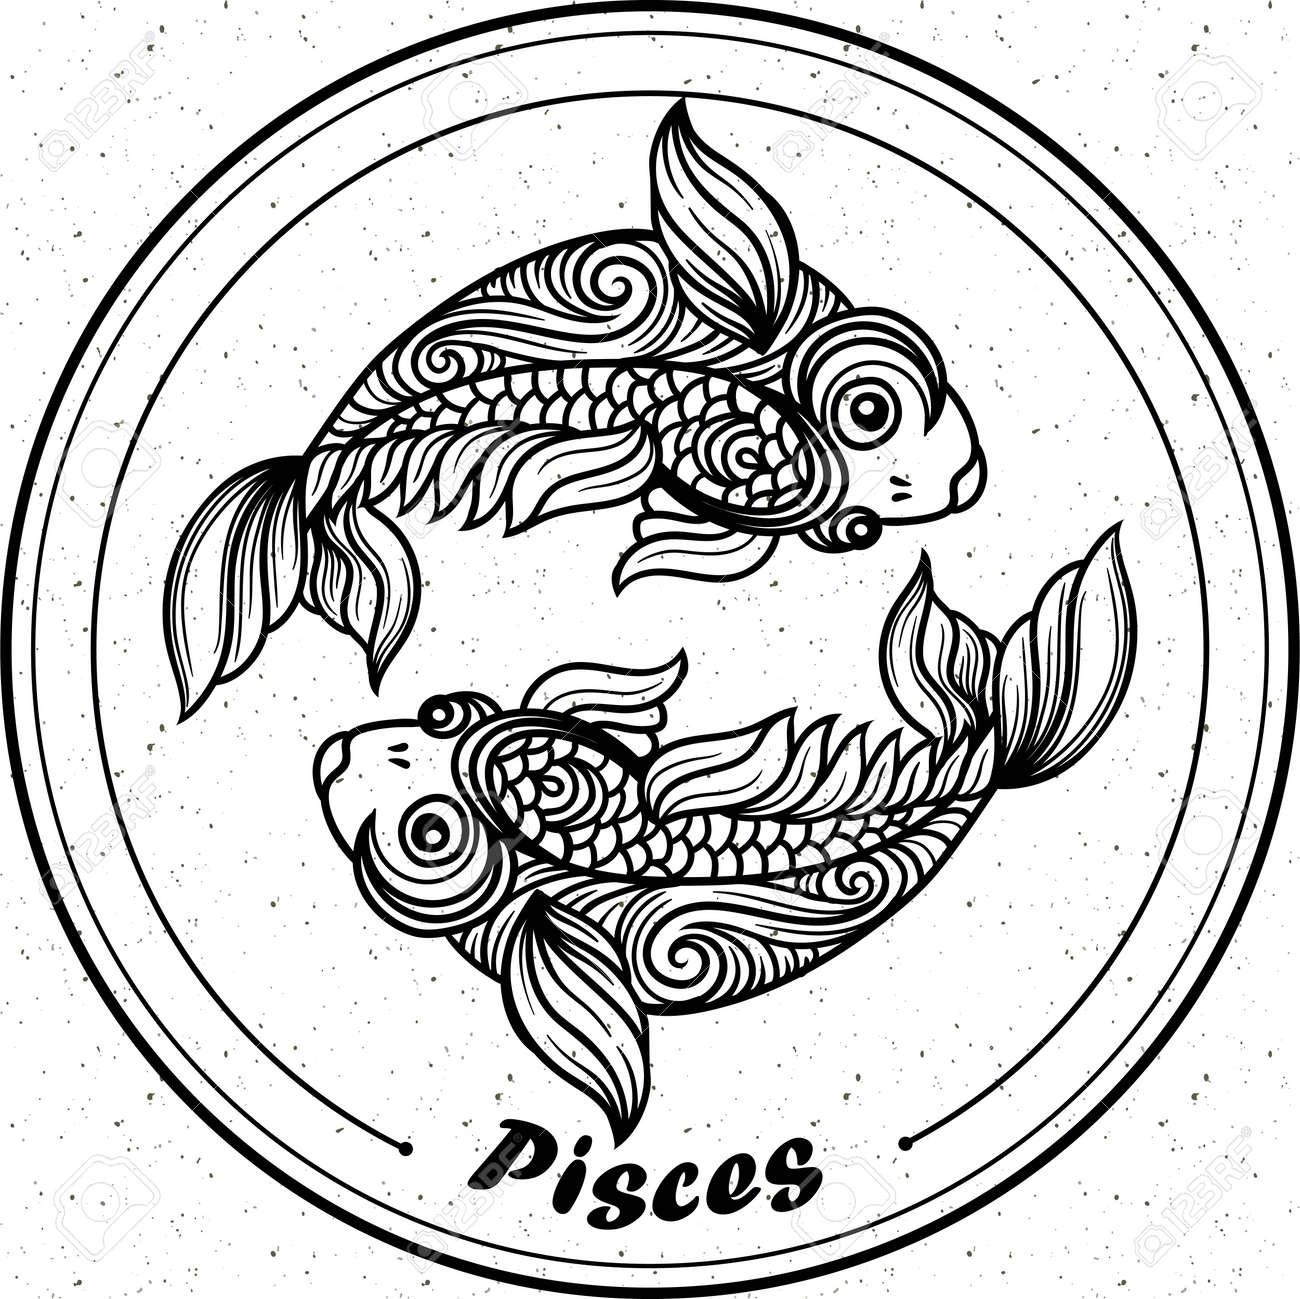 Detaillierte Pisces In Aztekischer Filigrane Linie Art Stil Tattoo